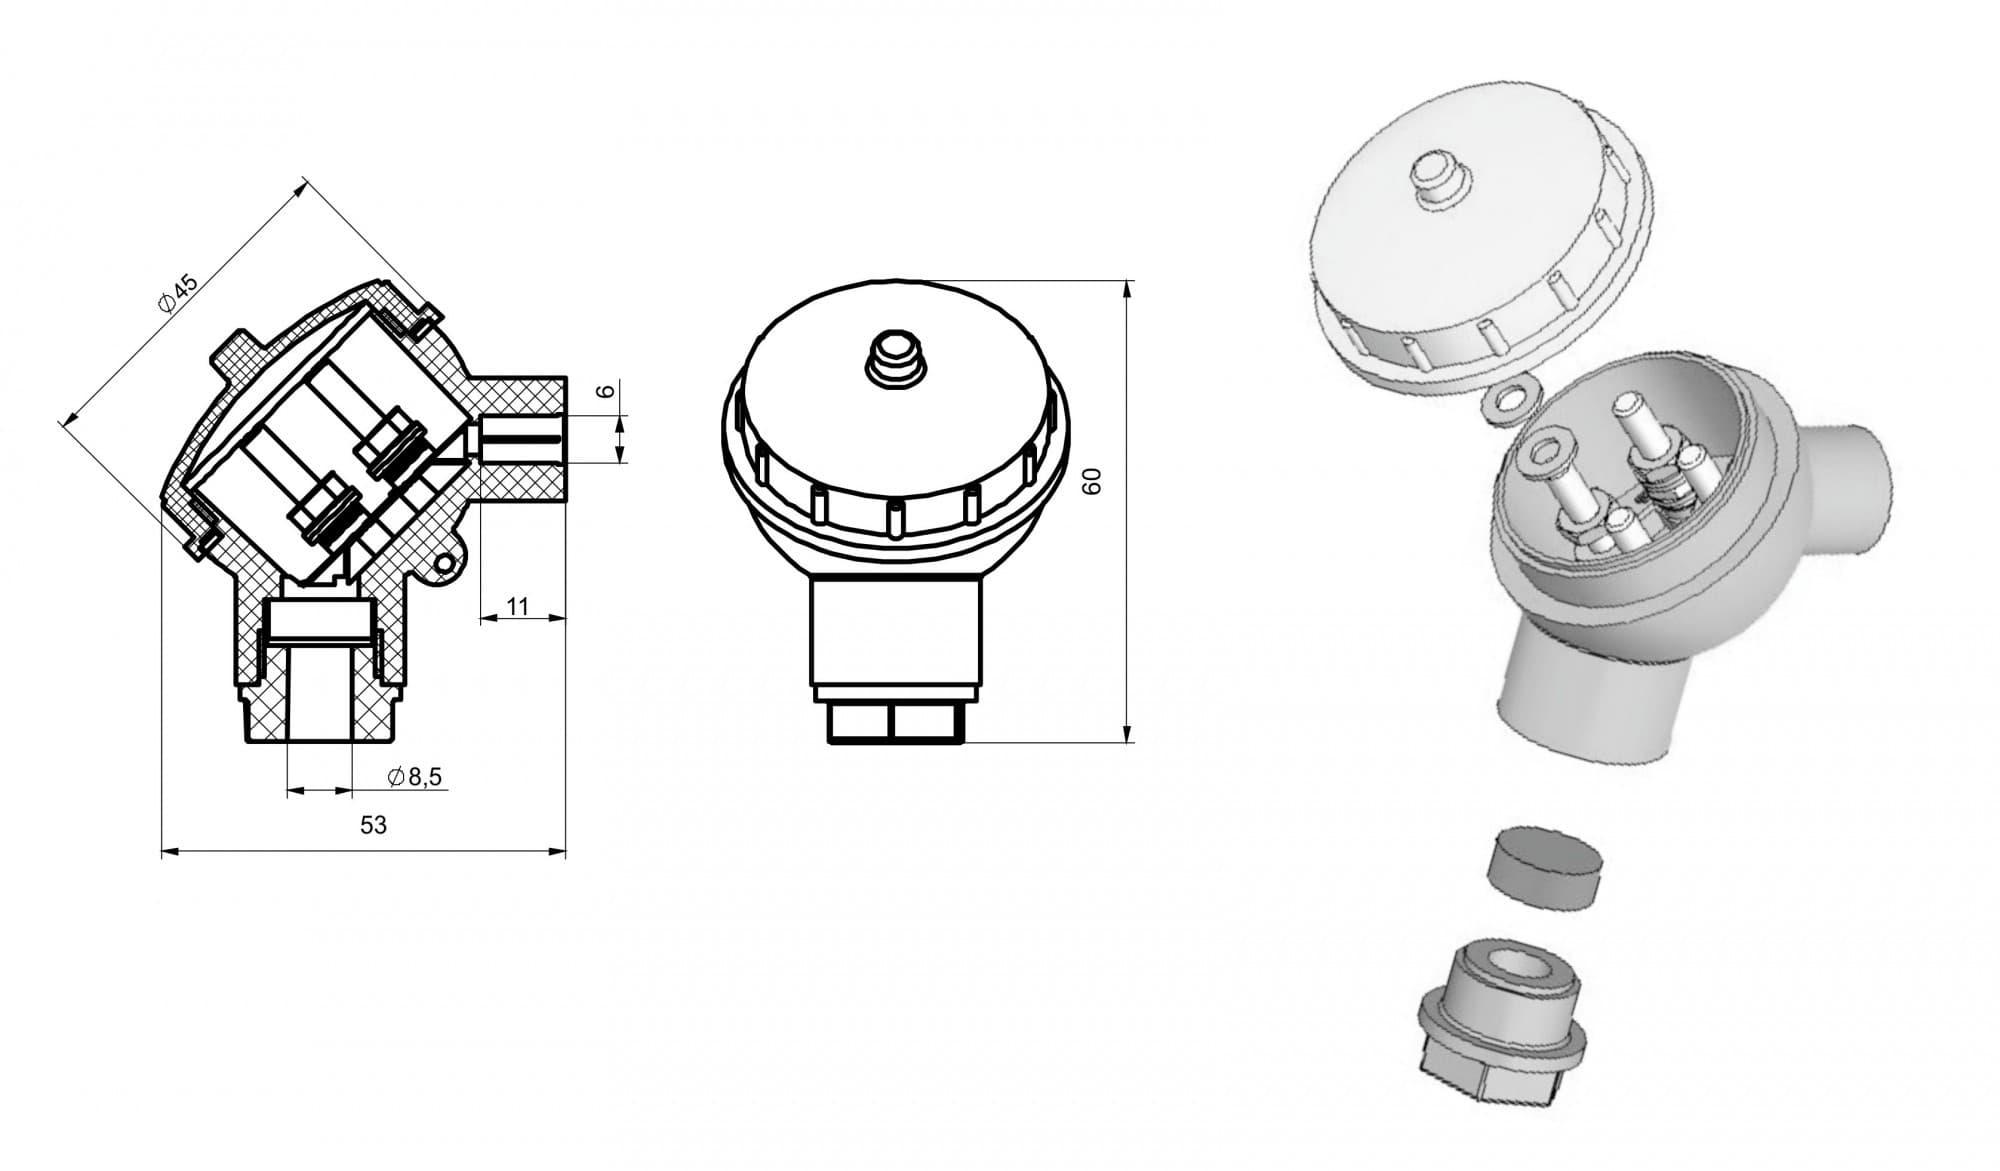 чертеж большой головки термопреобразователя Г-02 - Энергоприбор